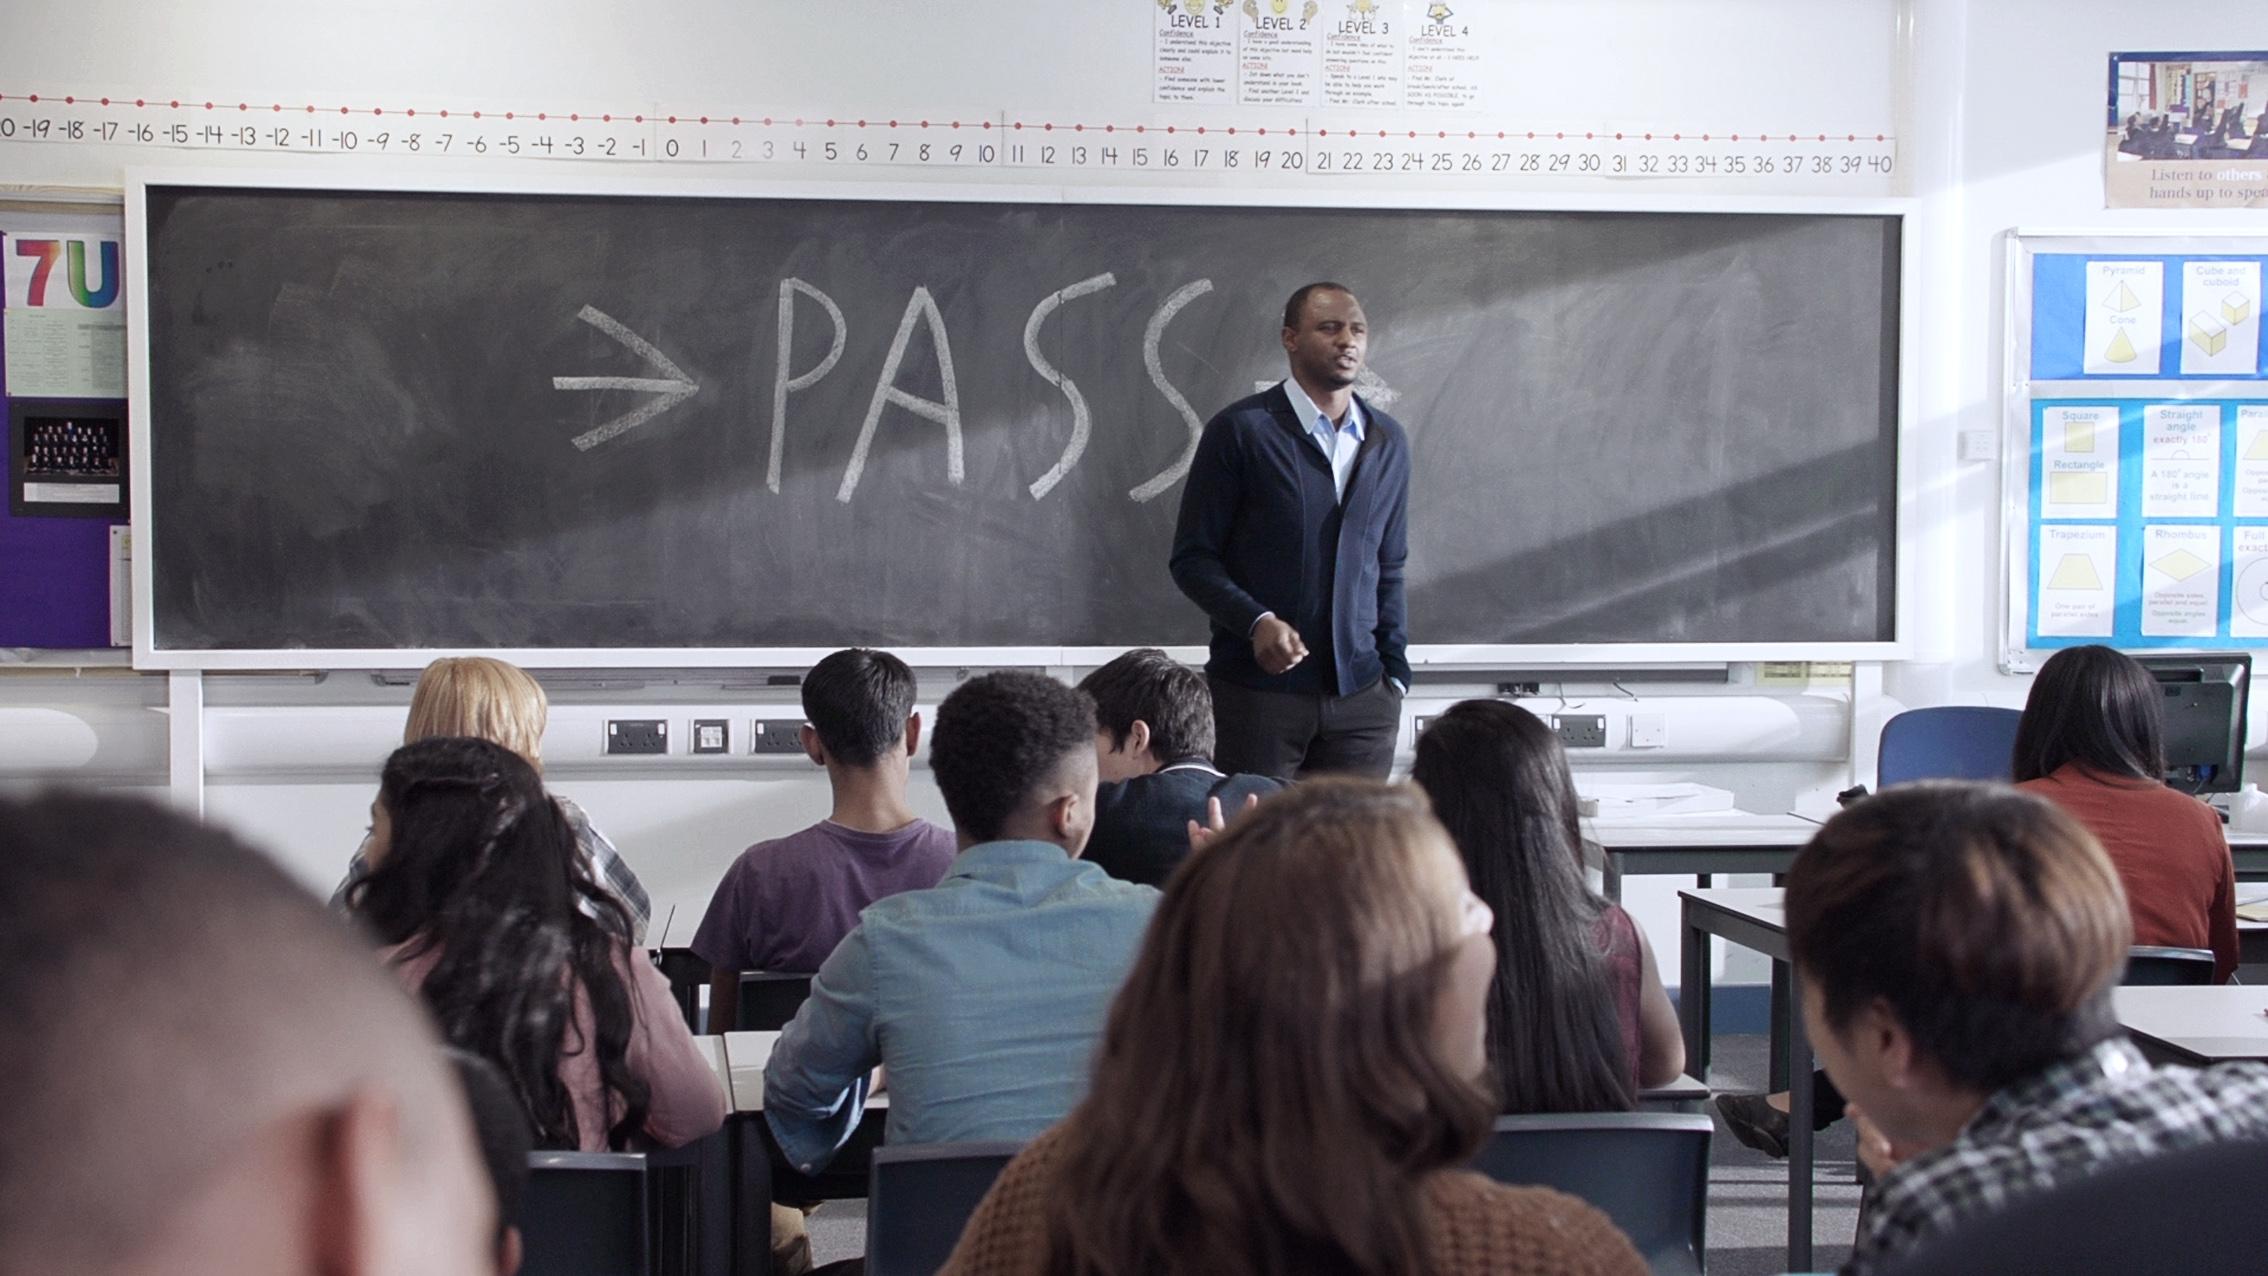 Western Union e Patrick Vieira: un passaggio per l'istruzione globale